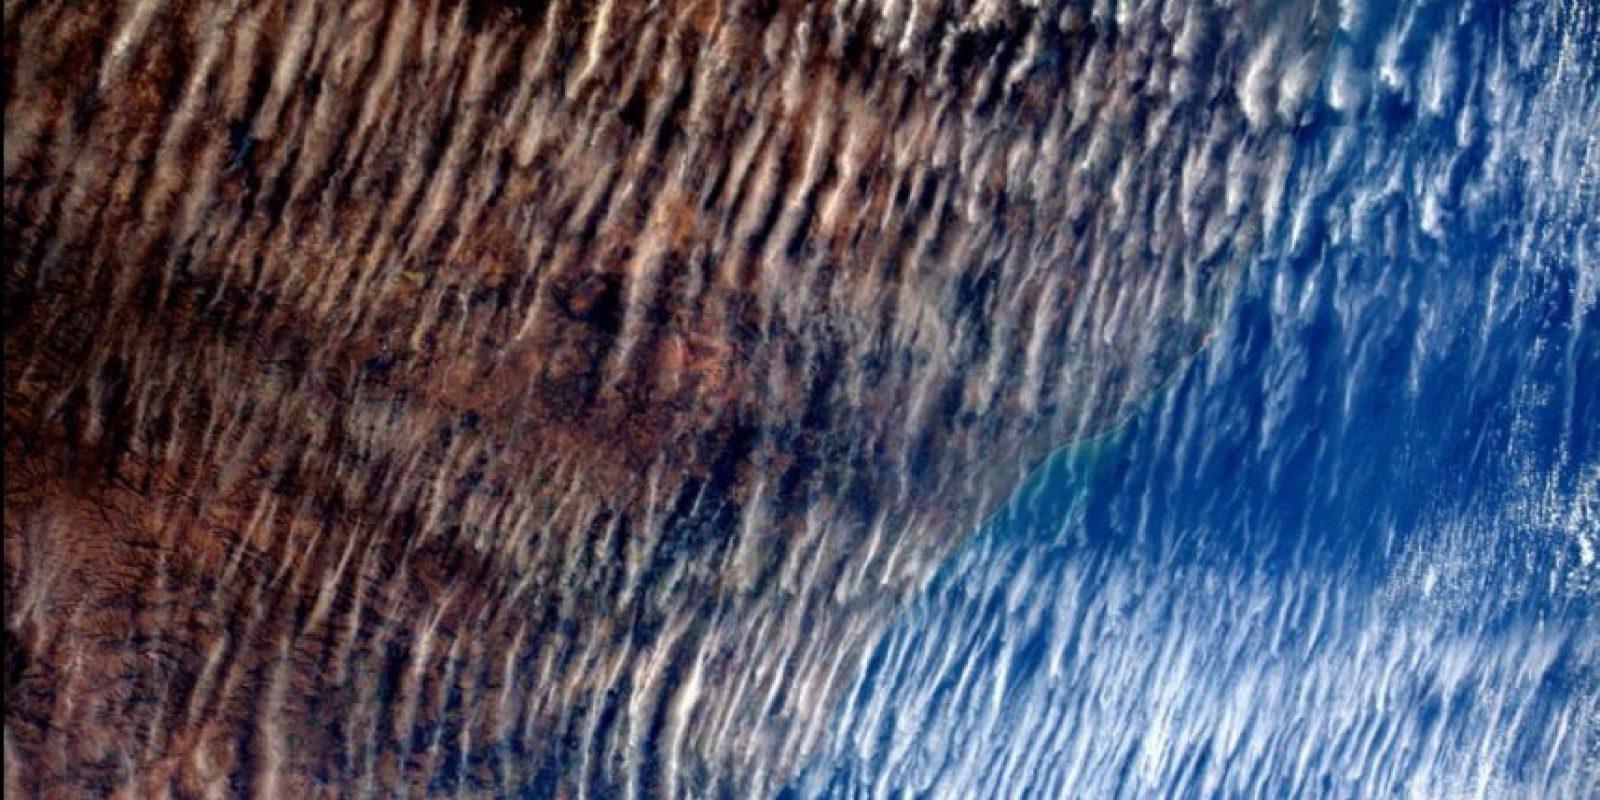 Así lucen las nubes sobre la Tierra, la imagen fue tomada en junio. Foto:Vía Twitter @AstroSamantha